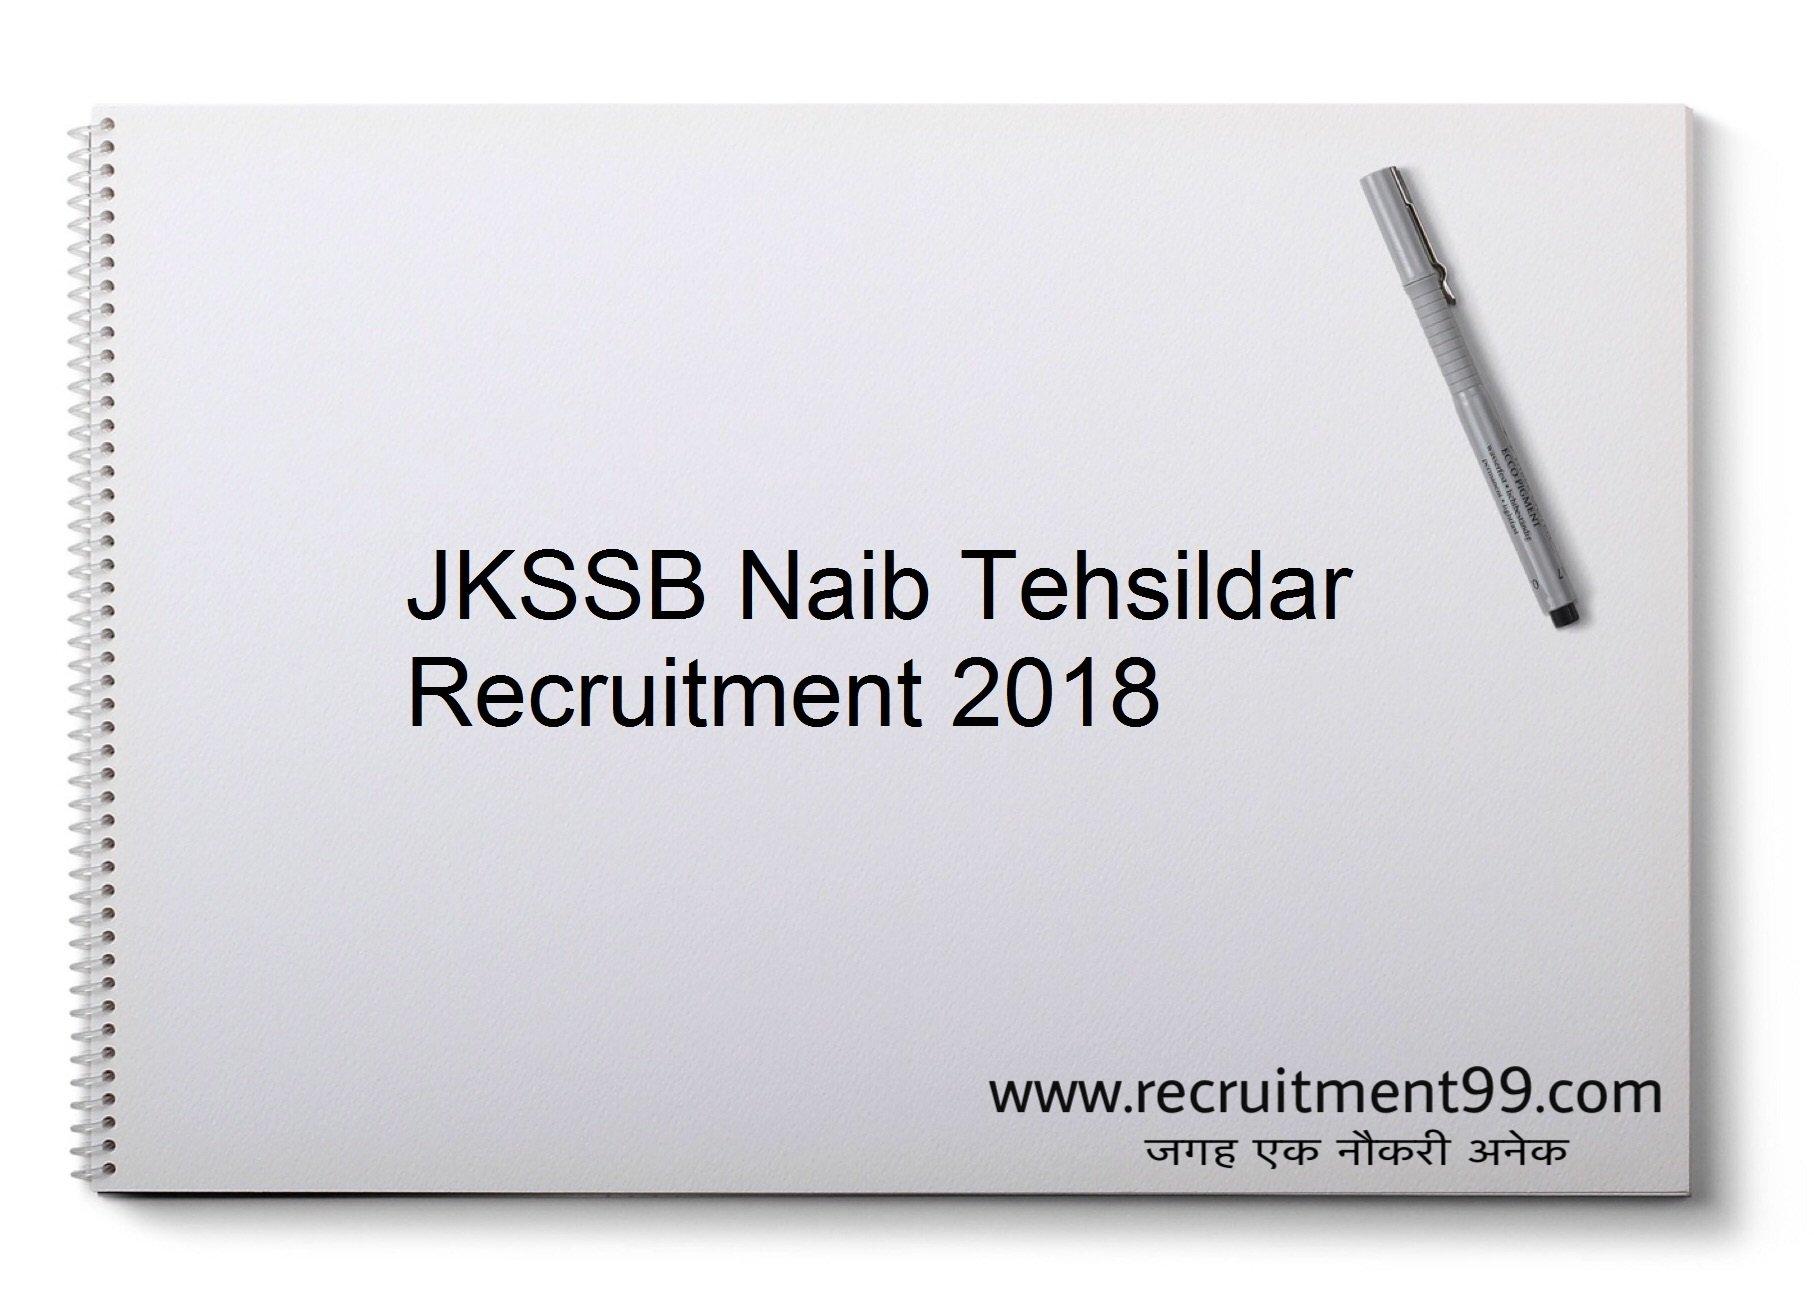 JKSSB Naib Tehsildar Recruitment, Admit Card & Result 2018